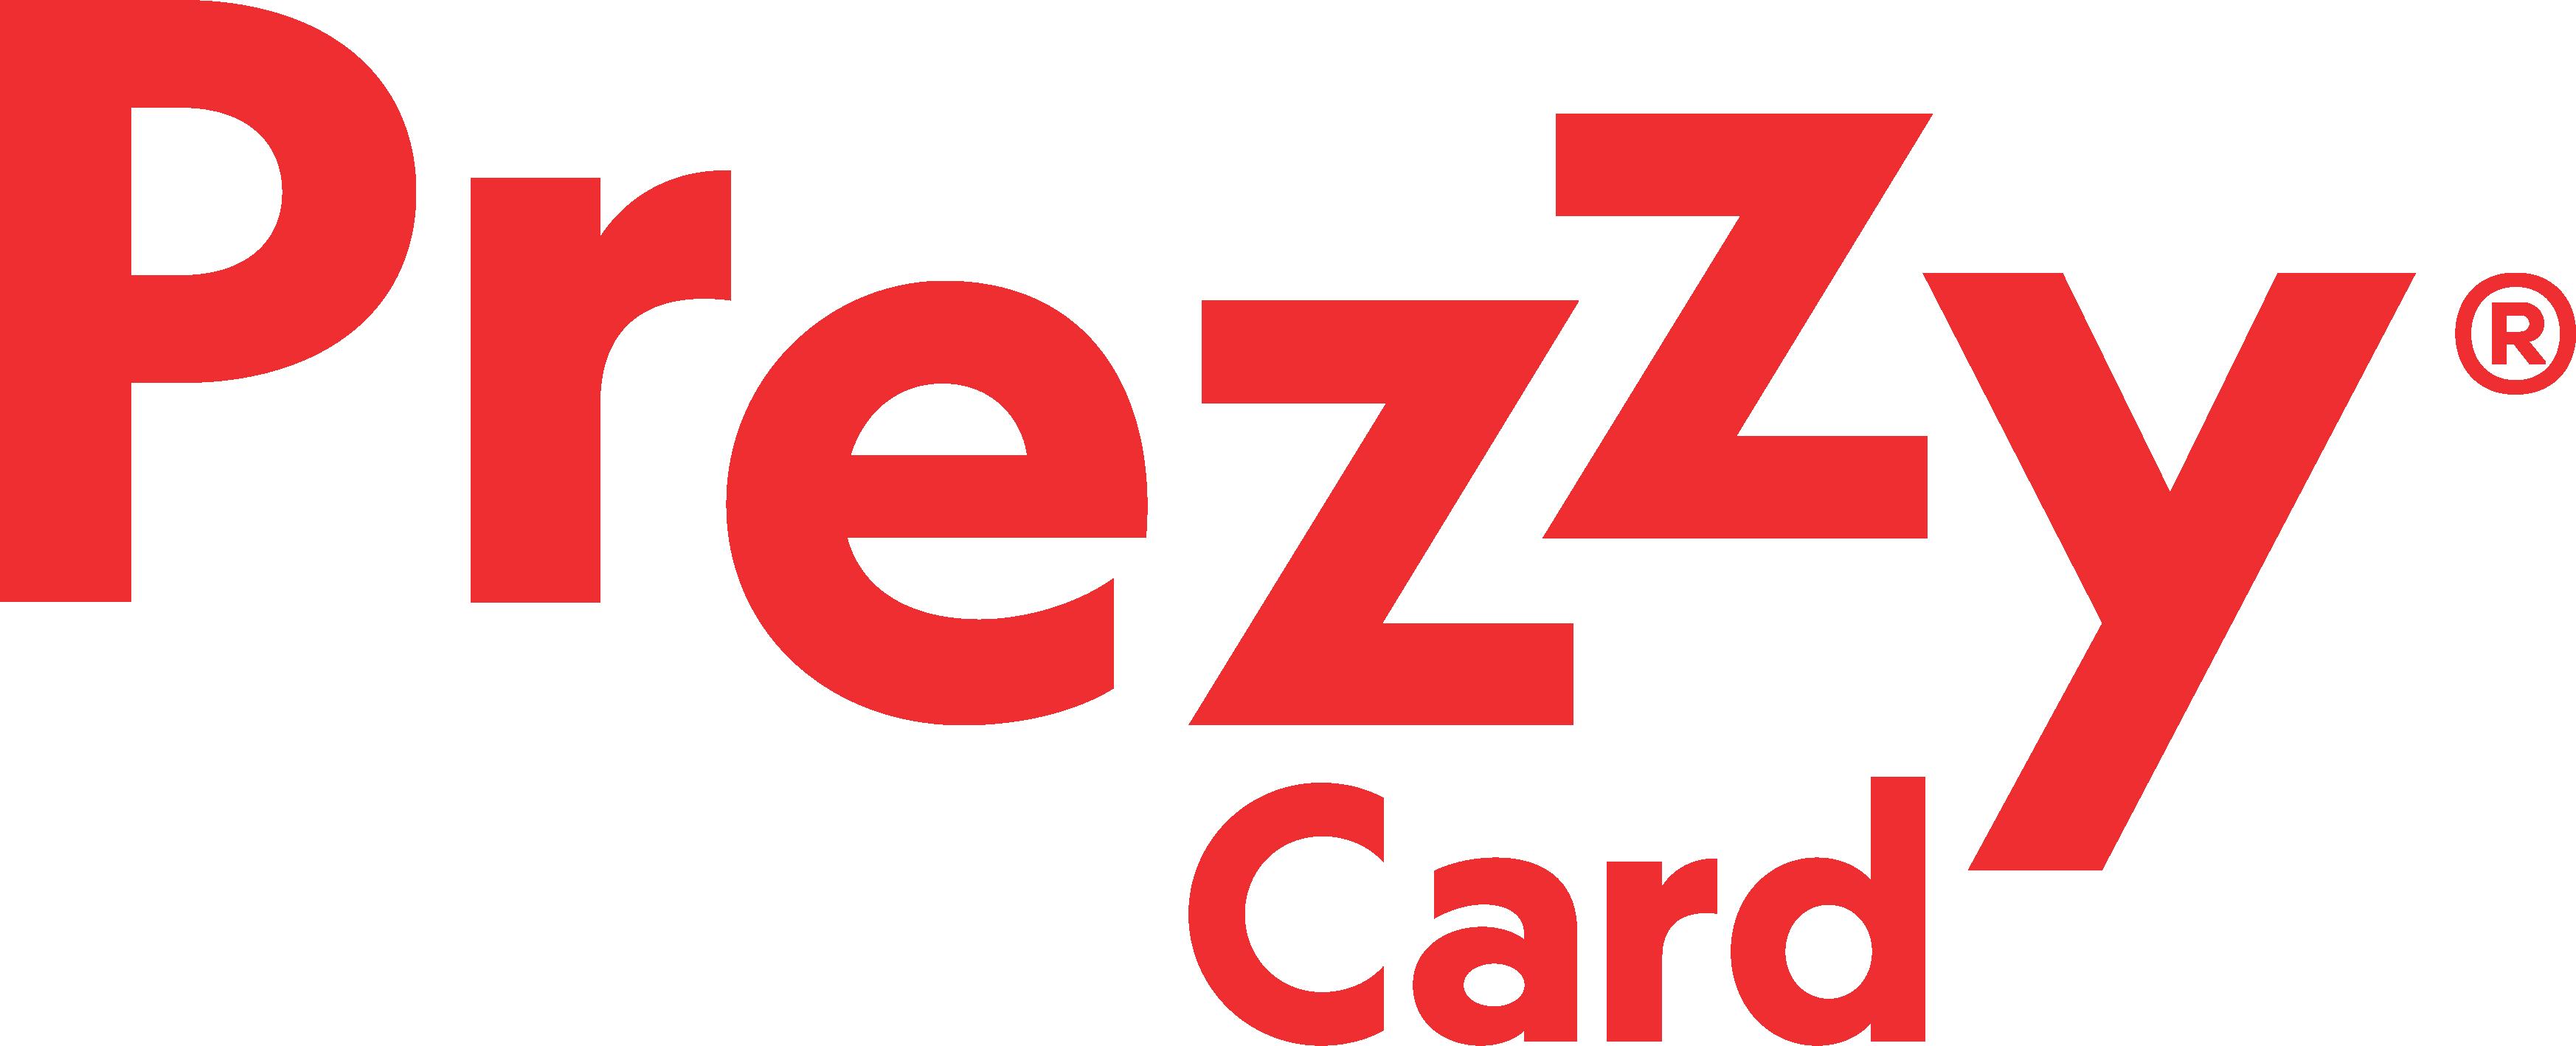 Prezzy Card Logo RED CMYK